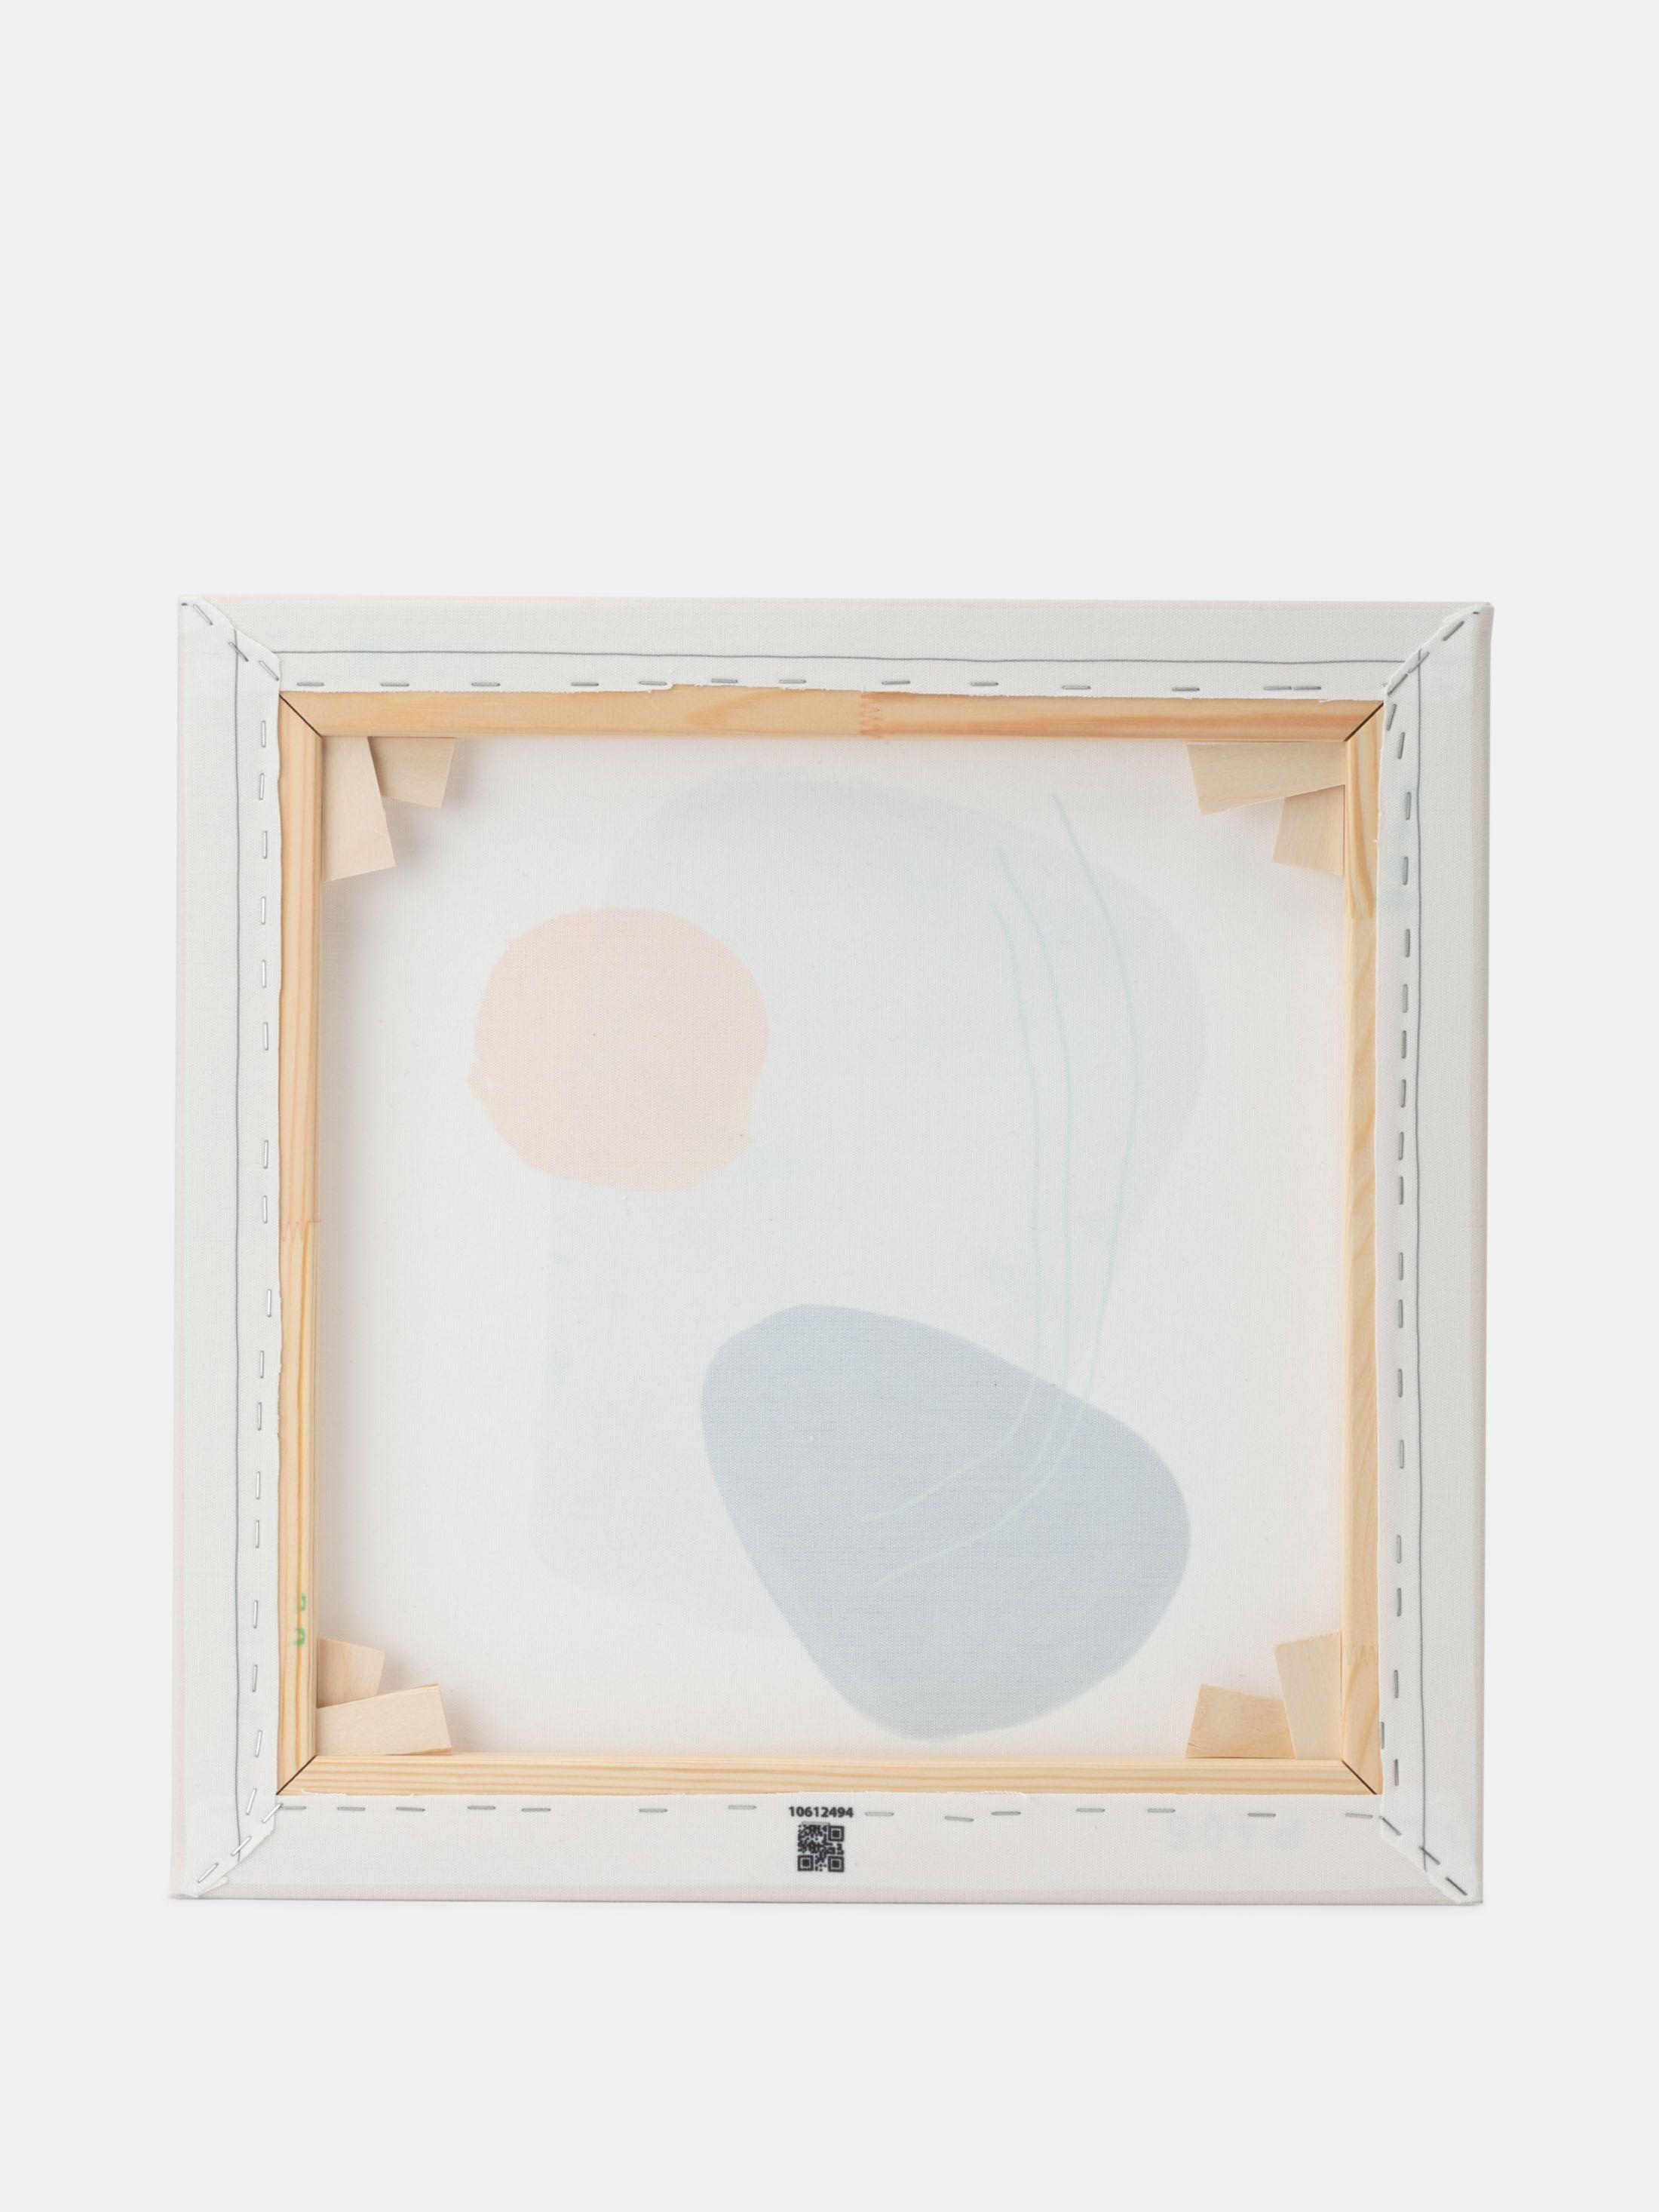 corner details of wooden frame